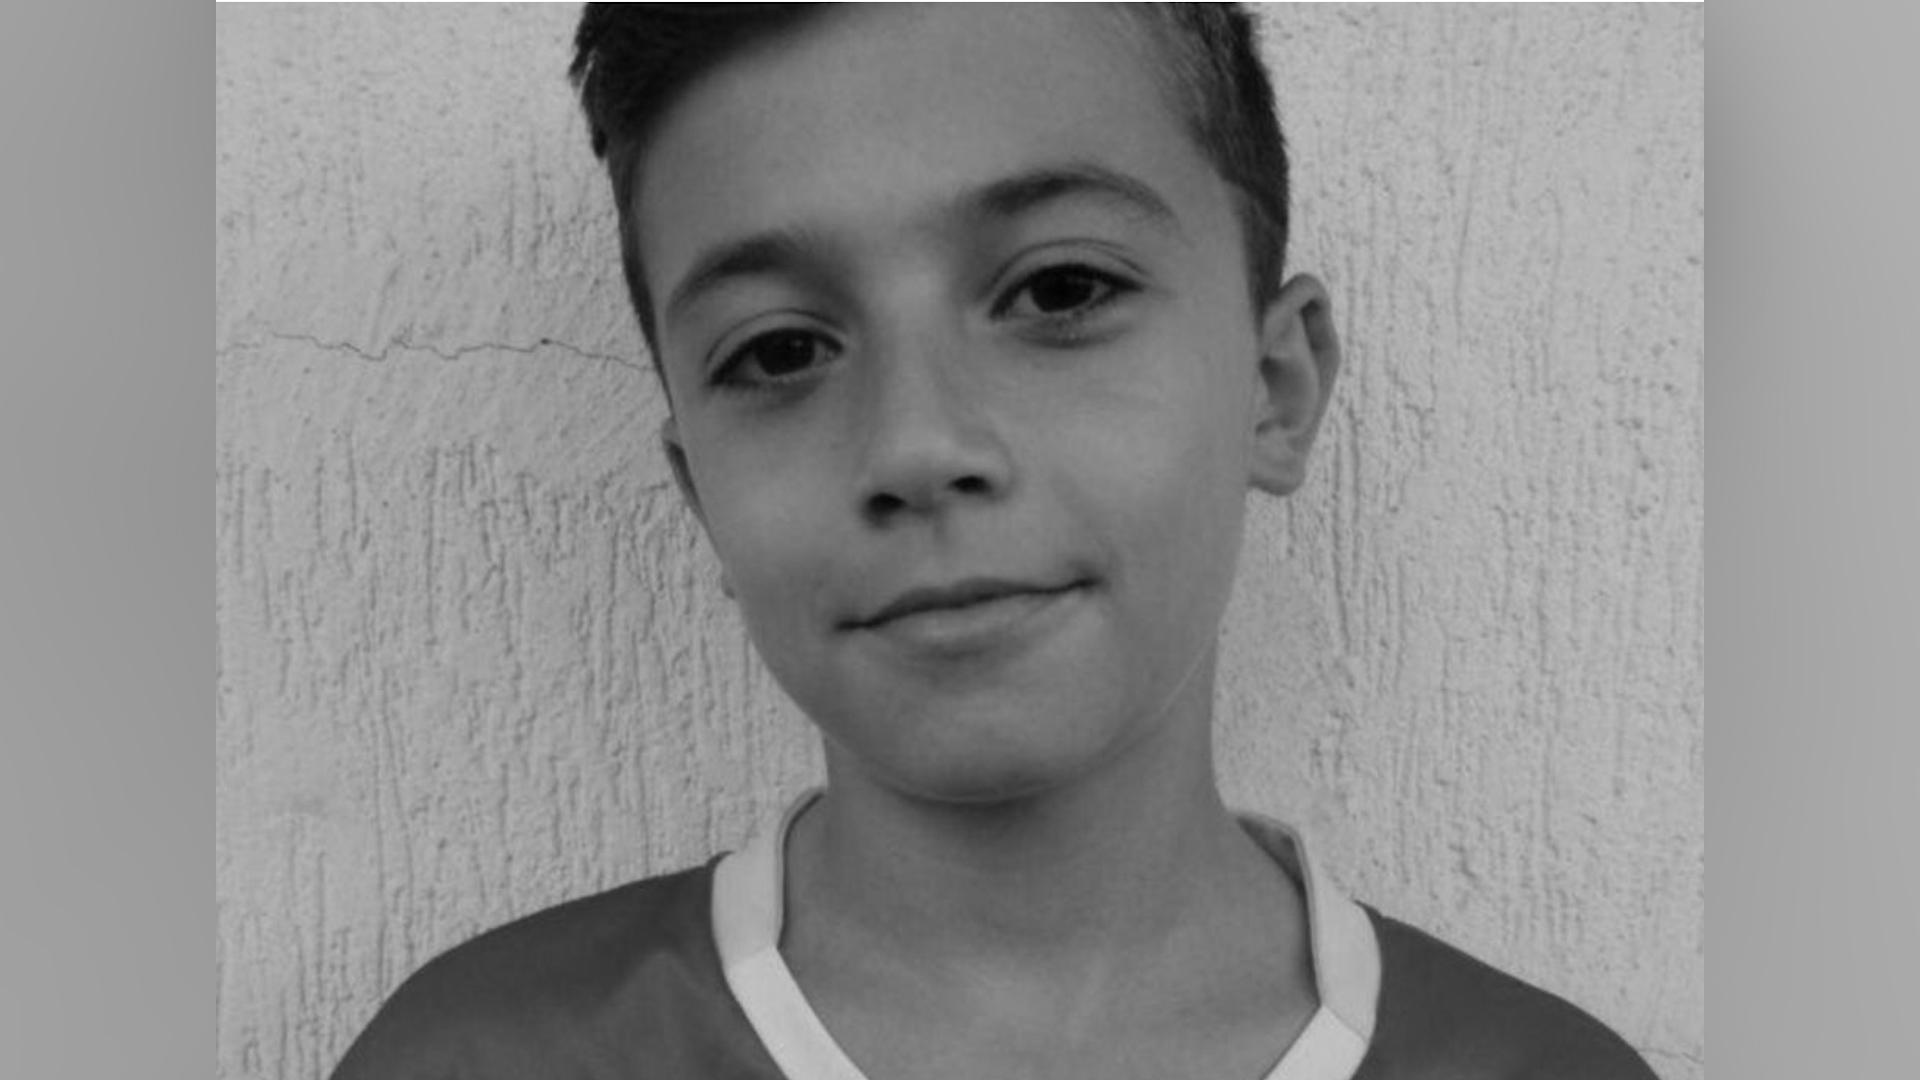 El pequeño Diego Vitarela falleció de un ataque al corazón durante un partido de futbo. Tenía tan solo 14 años. (Foto Prensa Libre: Redes)